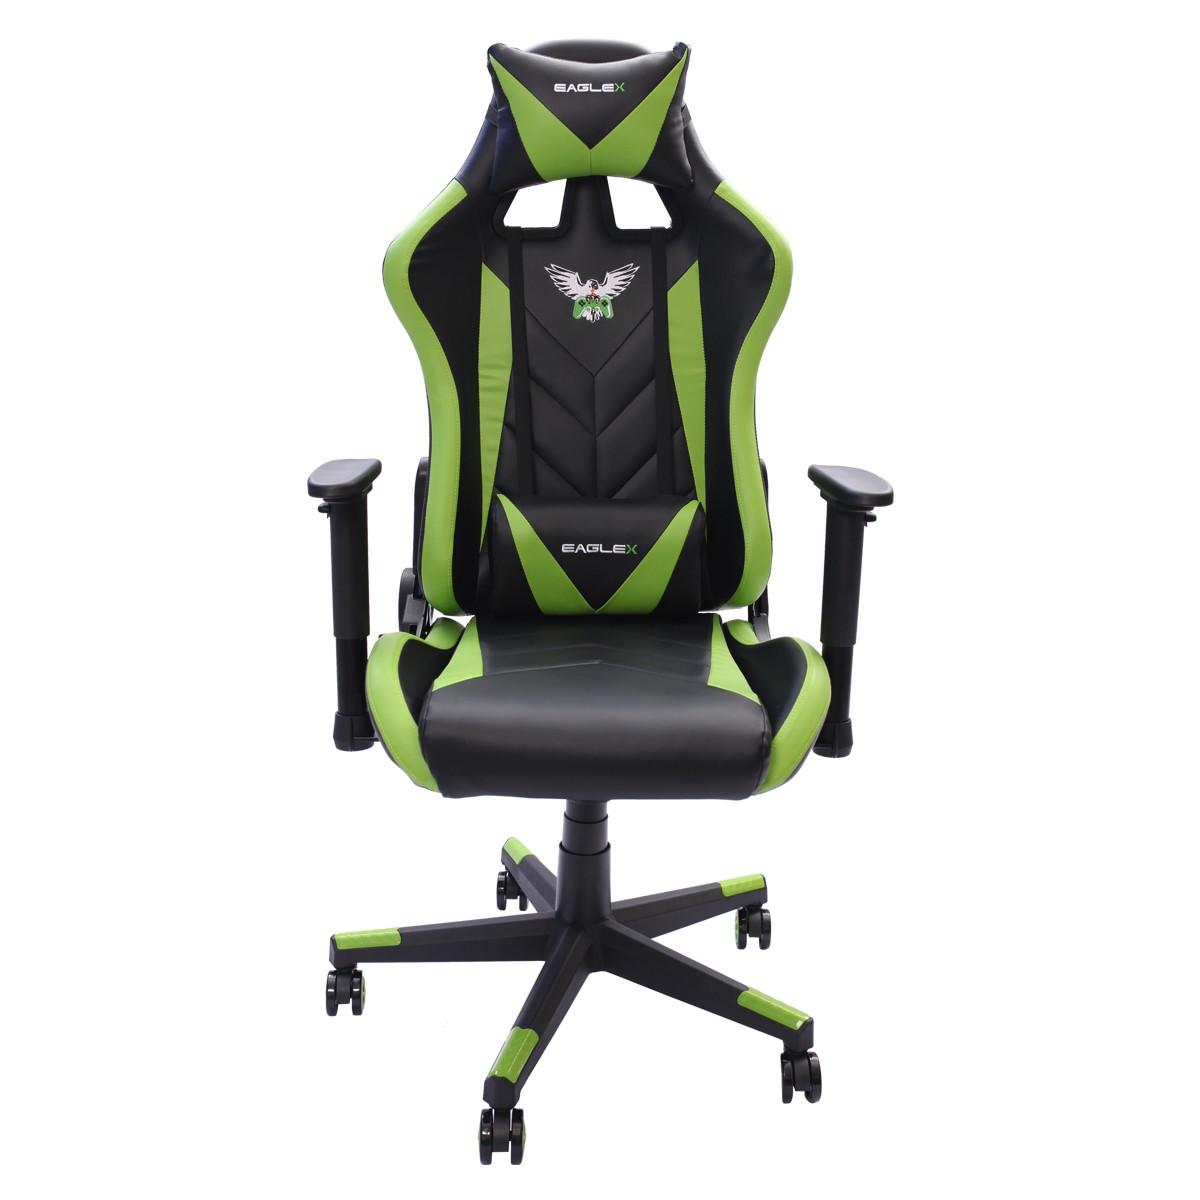 Cadeira Gamer EagleX Pro Giratória com Ajuste de Altura, Reclinável e Braços Ajustáveis Verde